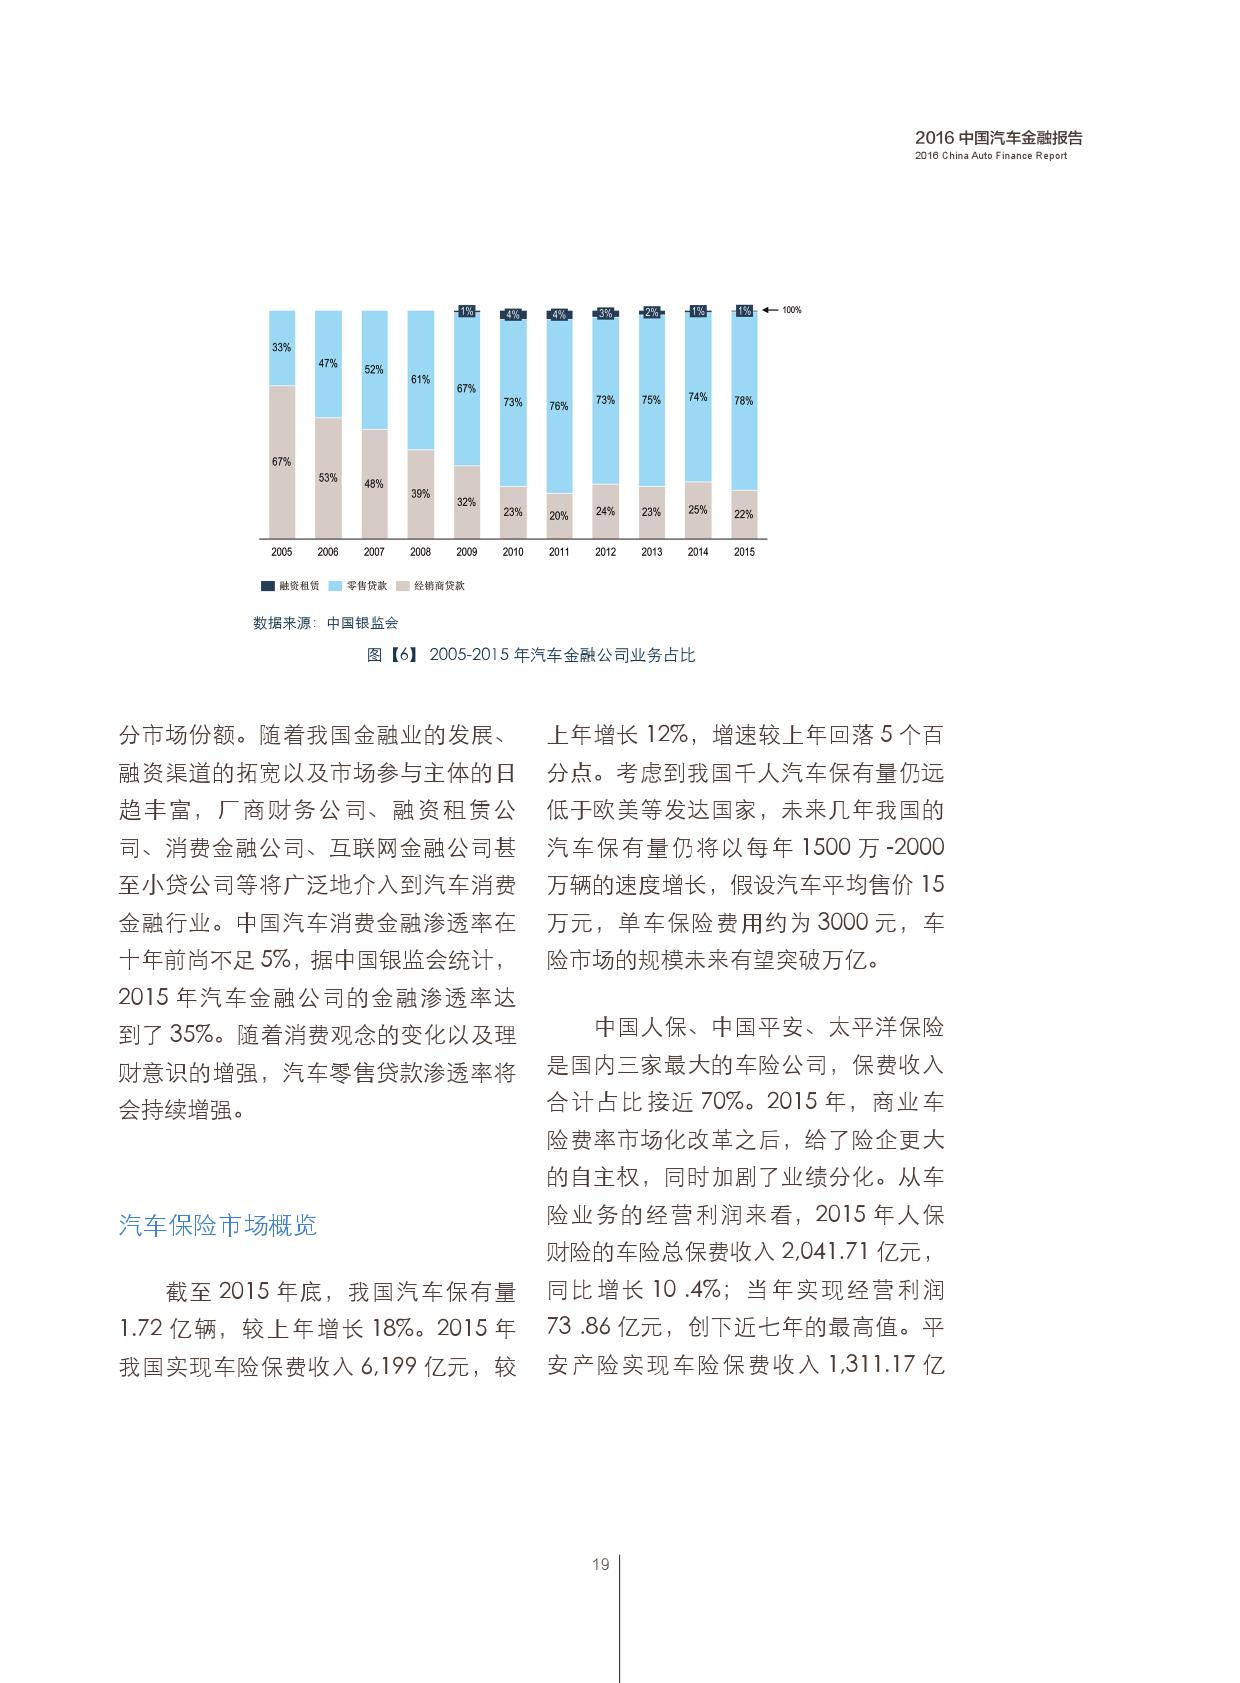 2016中国汽车金融报告_000020